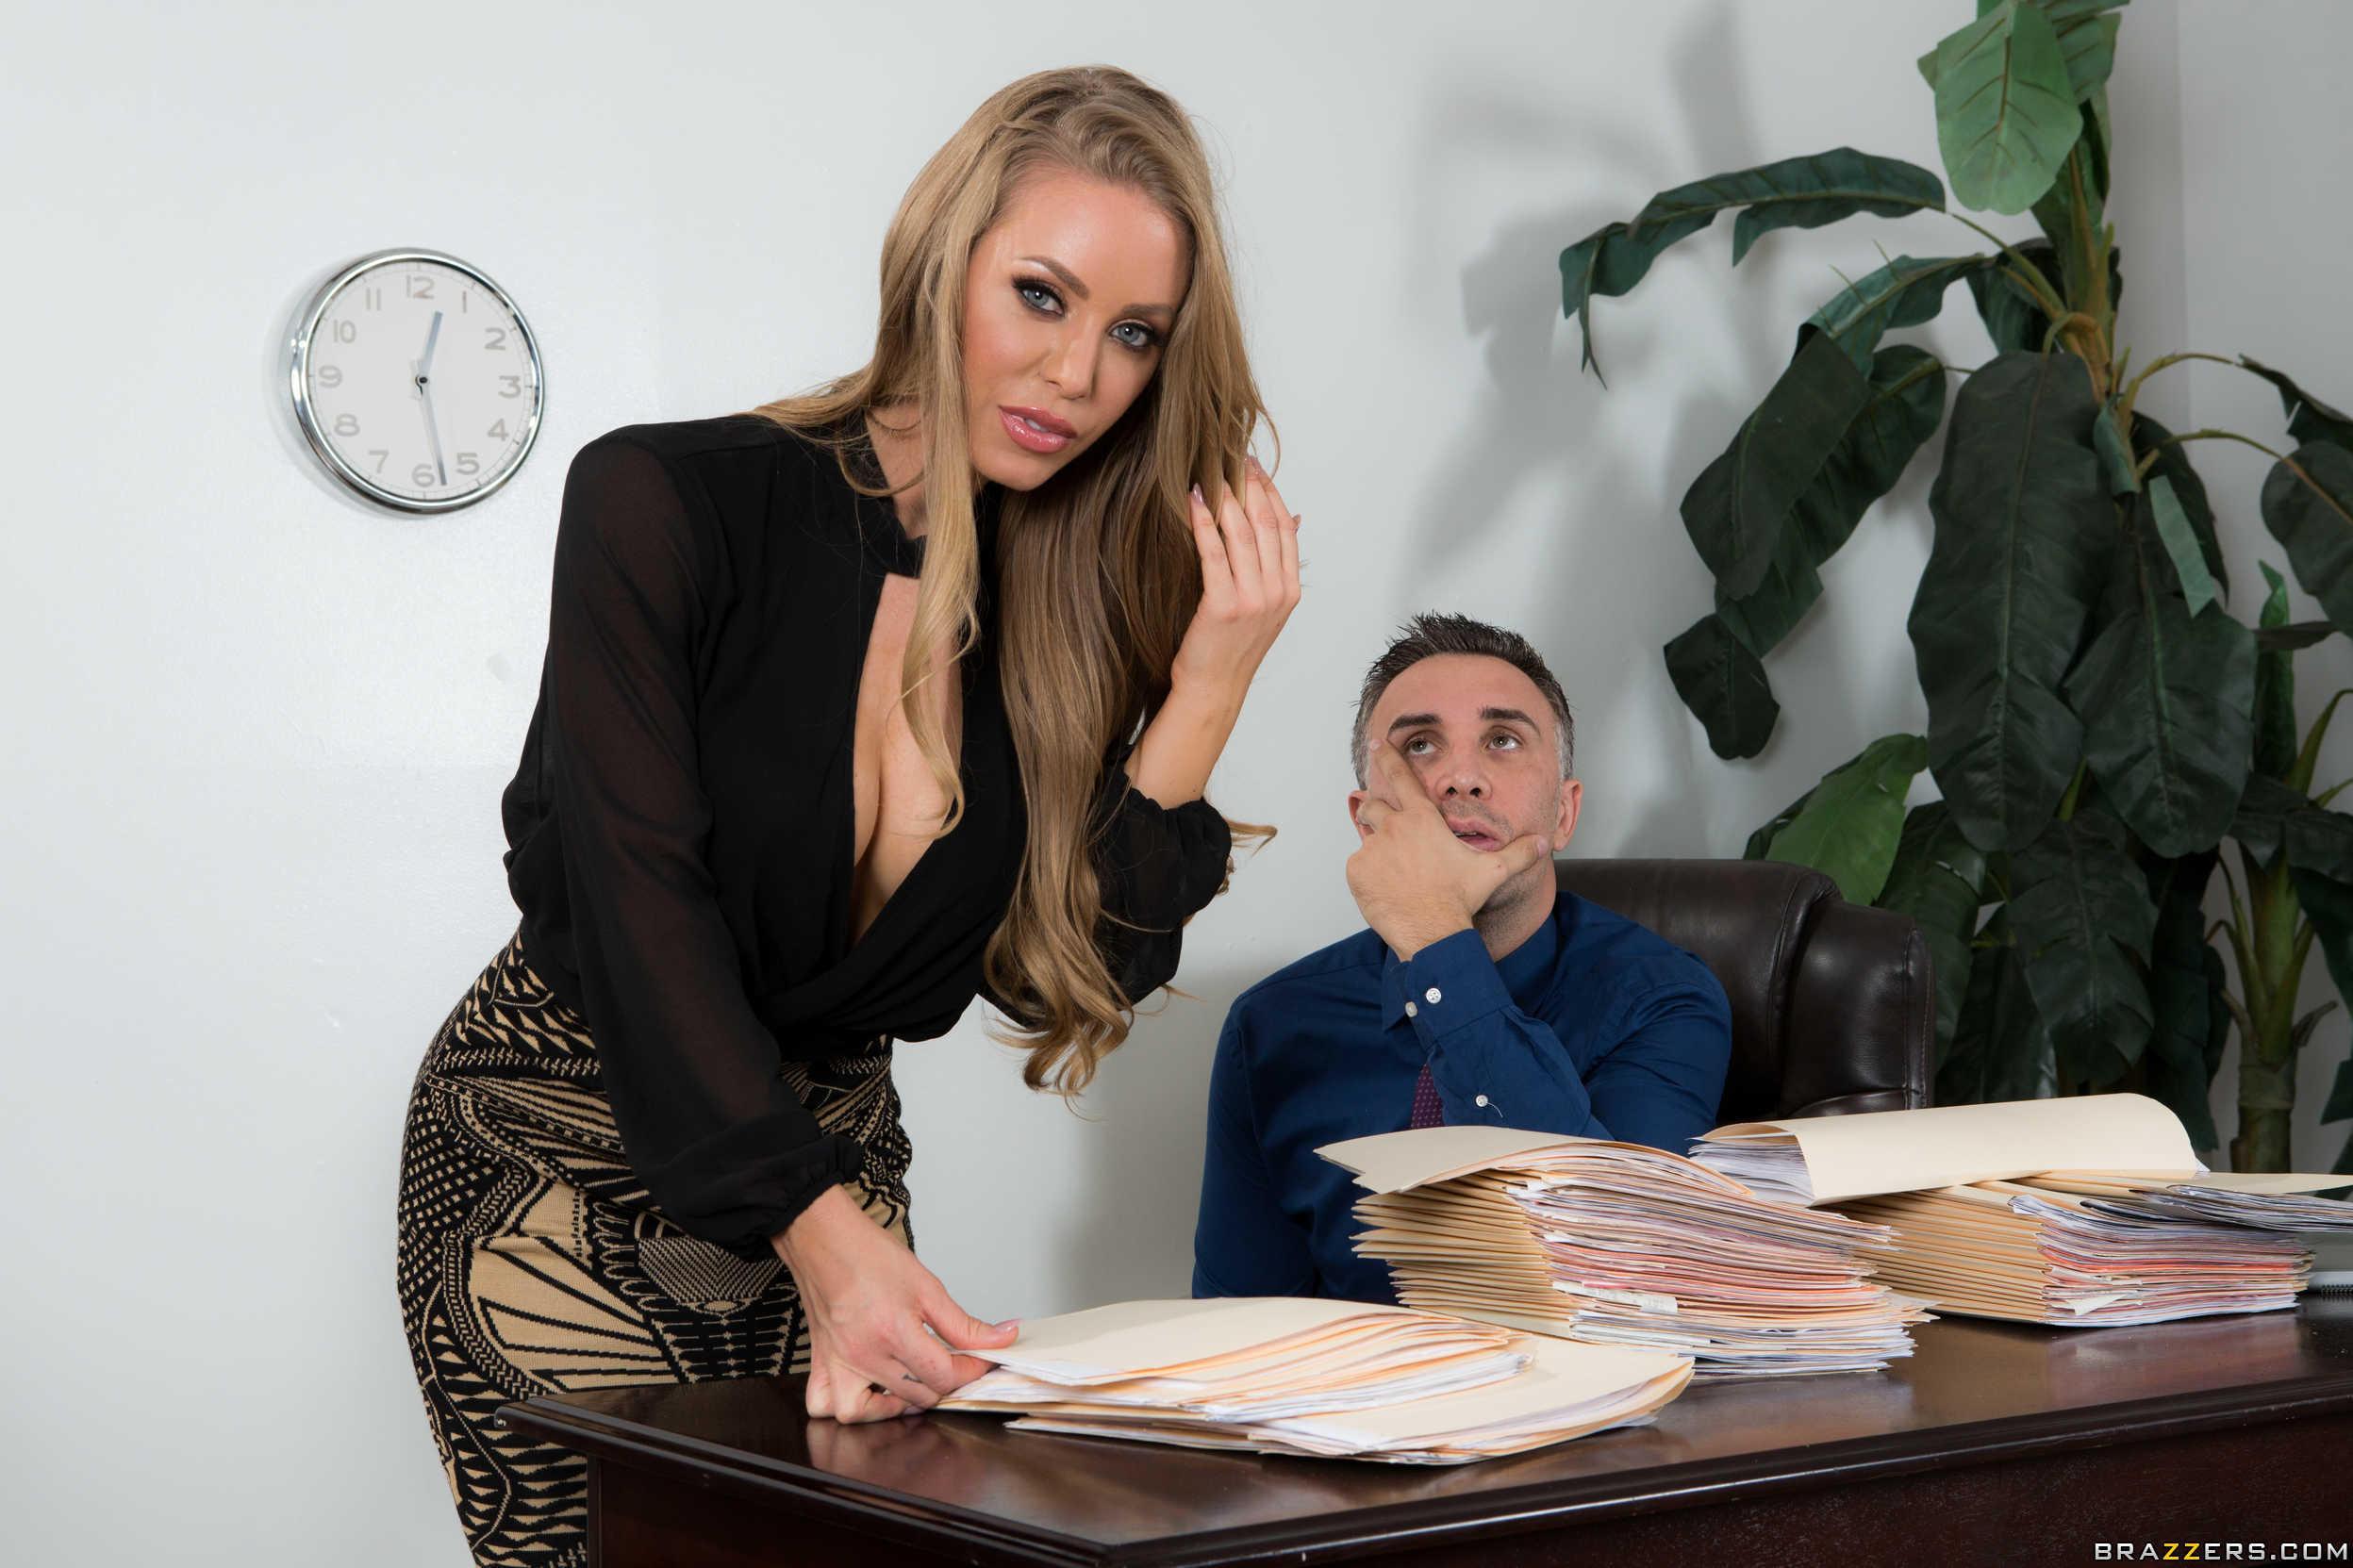 секретарша отработала повышение интересно зачем